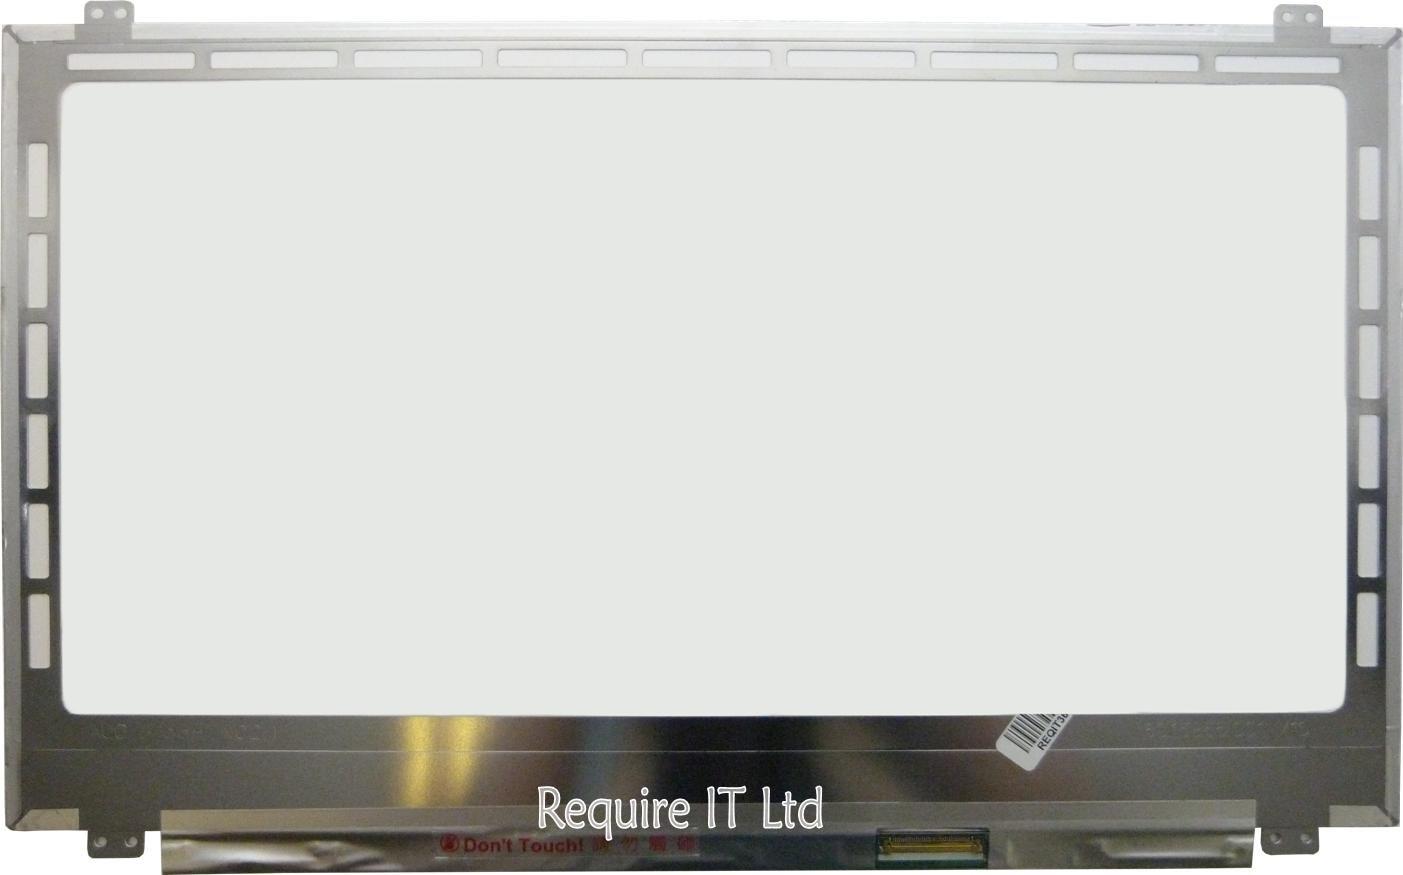 New Display 39, 6 cm LED FHD matt AUO AU OPTRONICS b156htn02.1 H/W: 2 A F/W: 1 REQIT